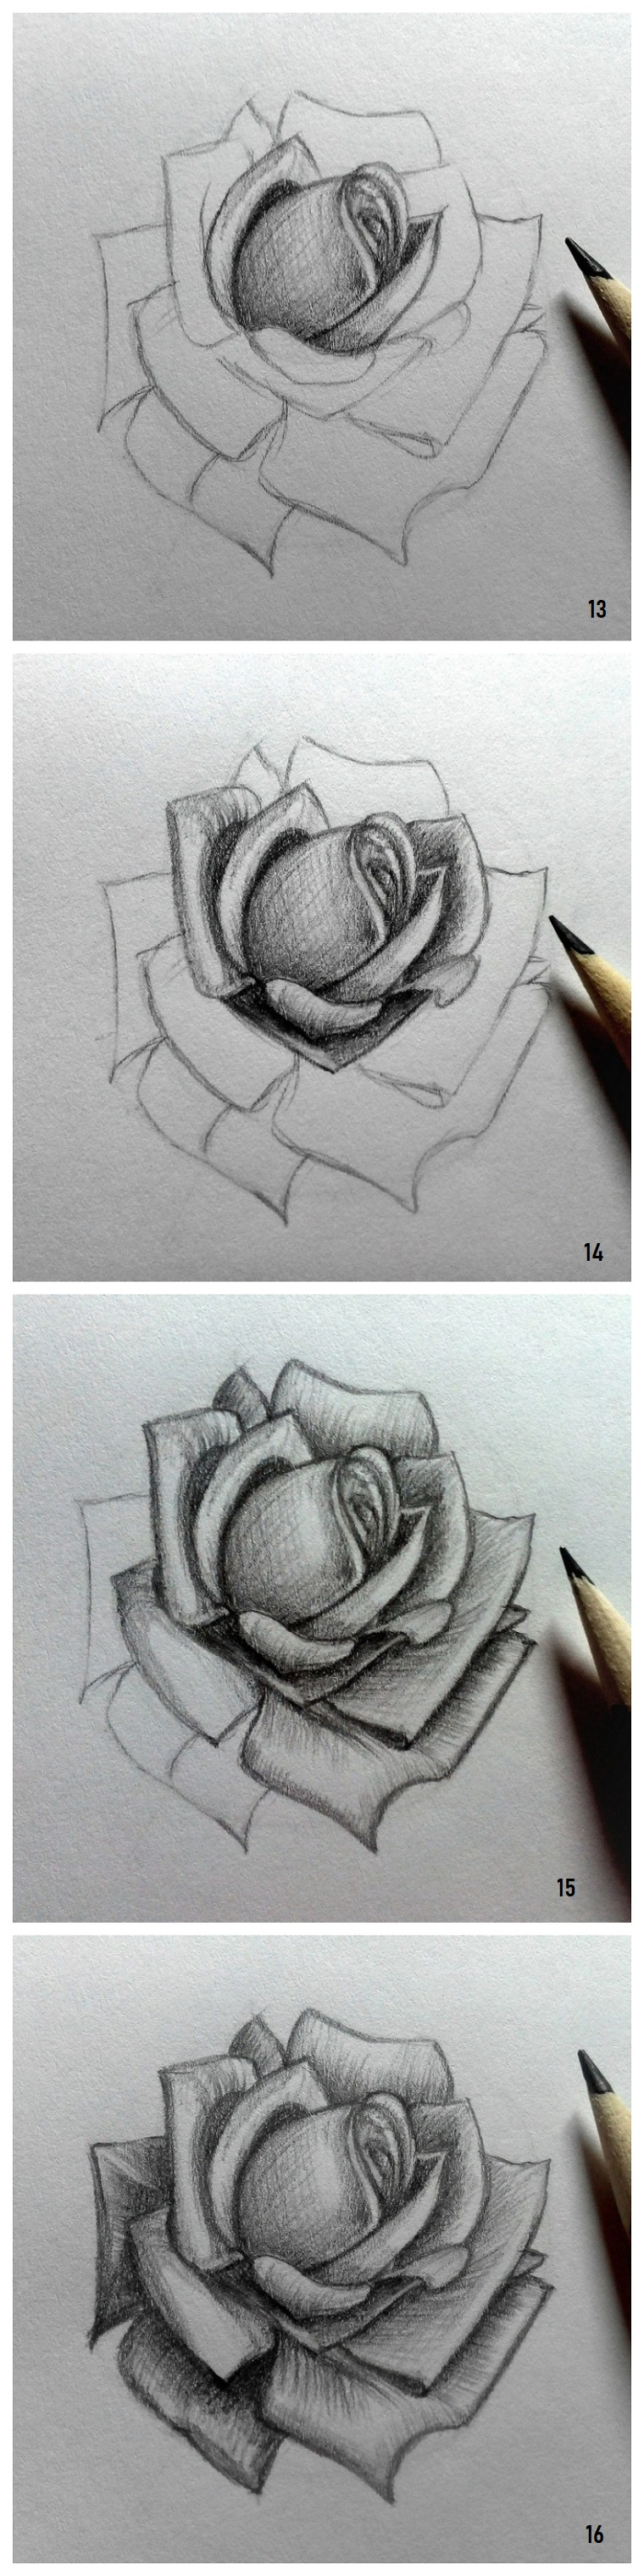 Immagini belle da disegnare, tutorial per disegnare, disegnare con la matita